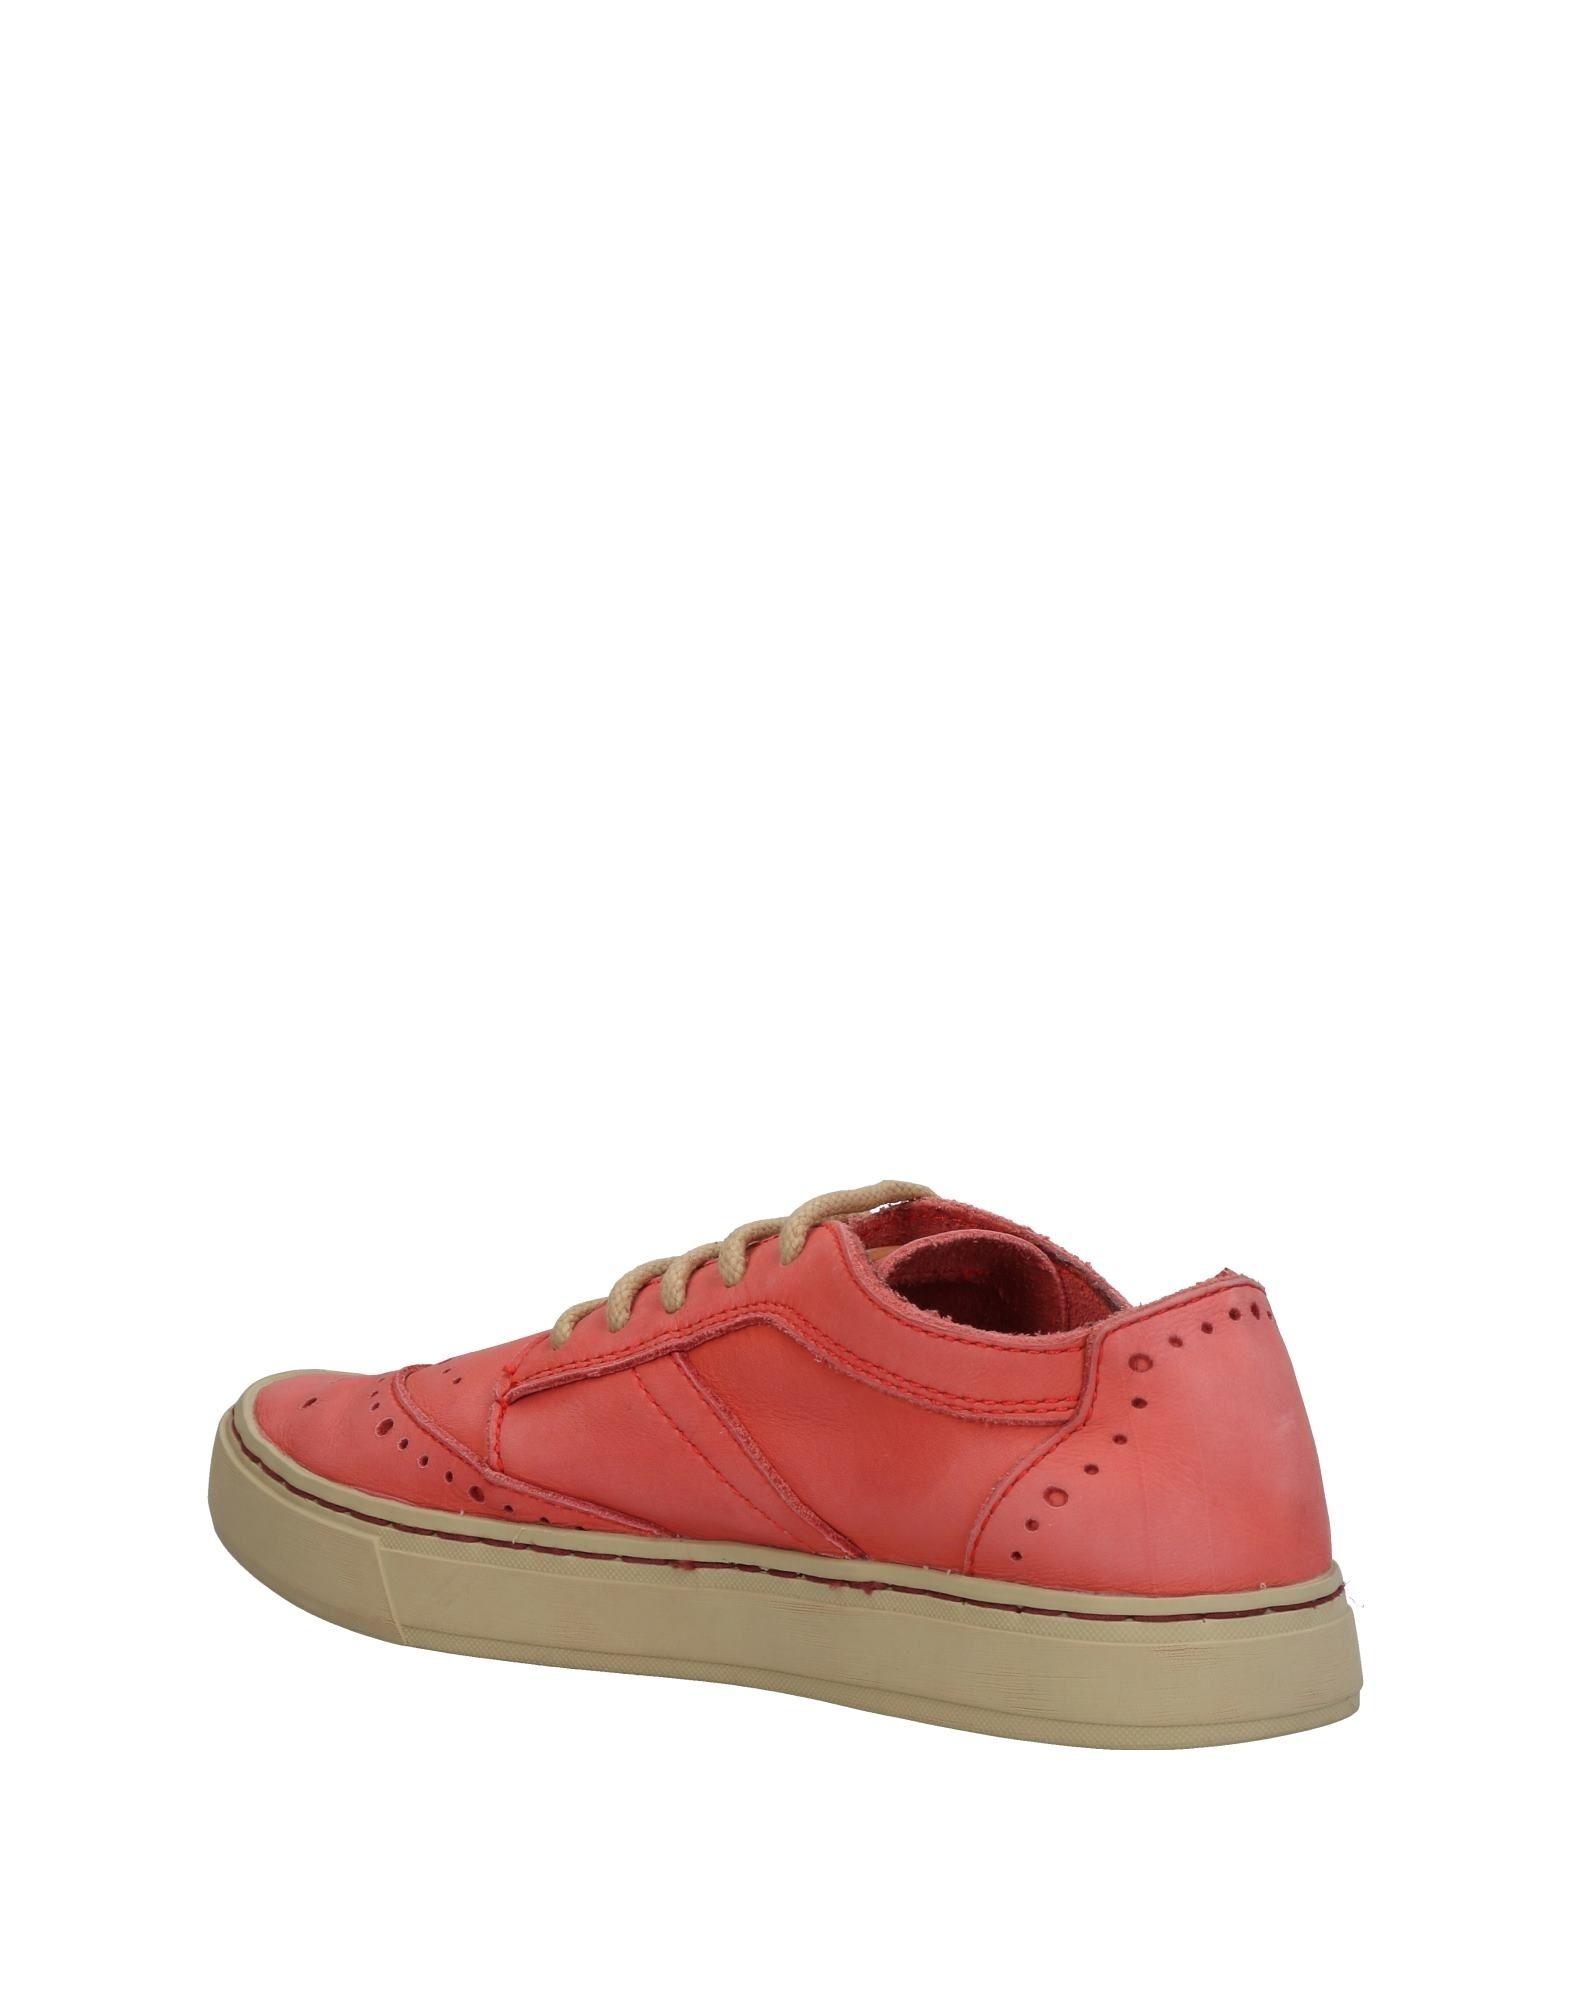 Satorisan Sneakers Damen Damen Sneakers  11375266TT  23628b